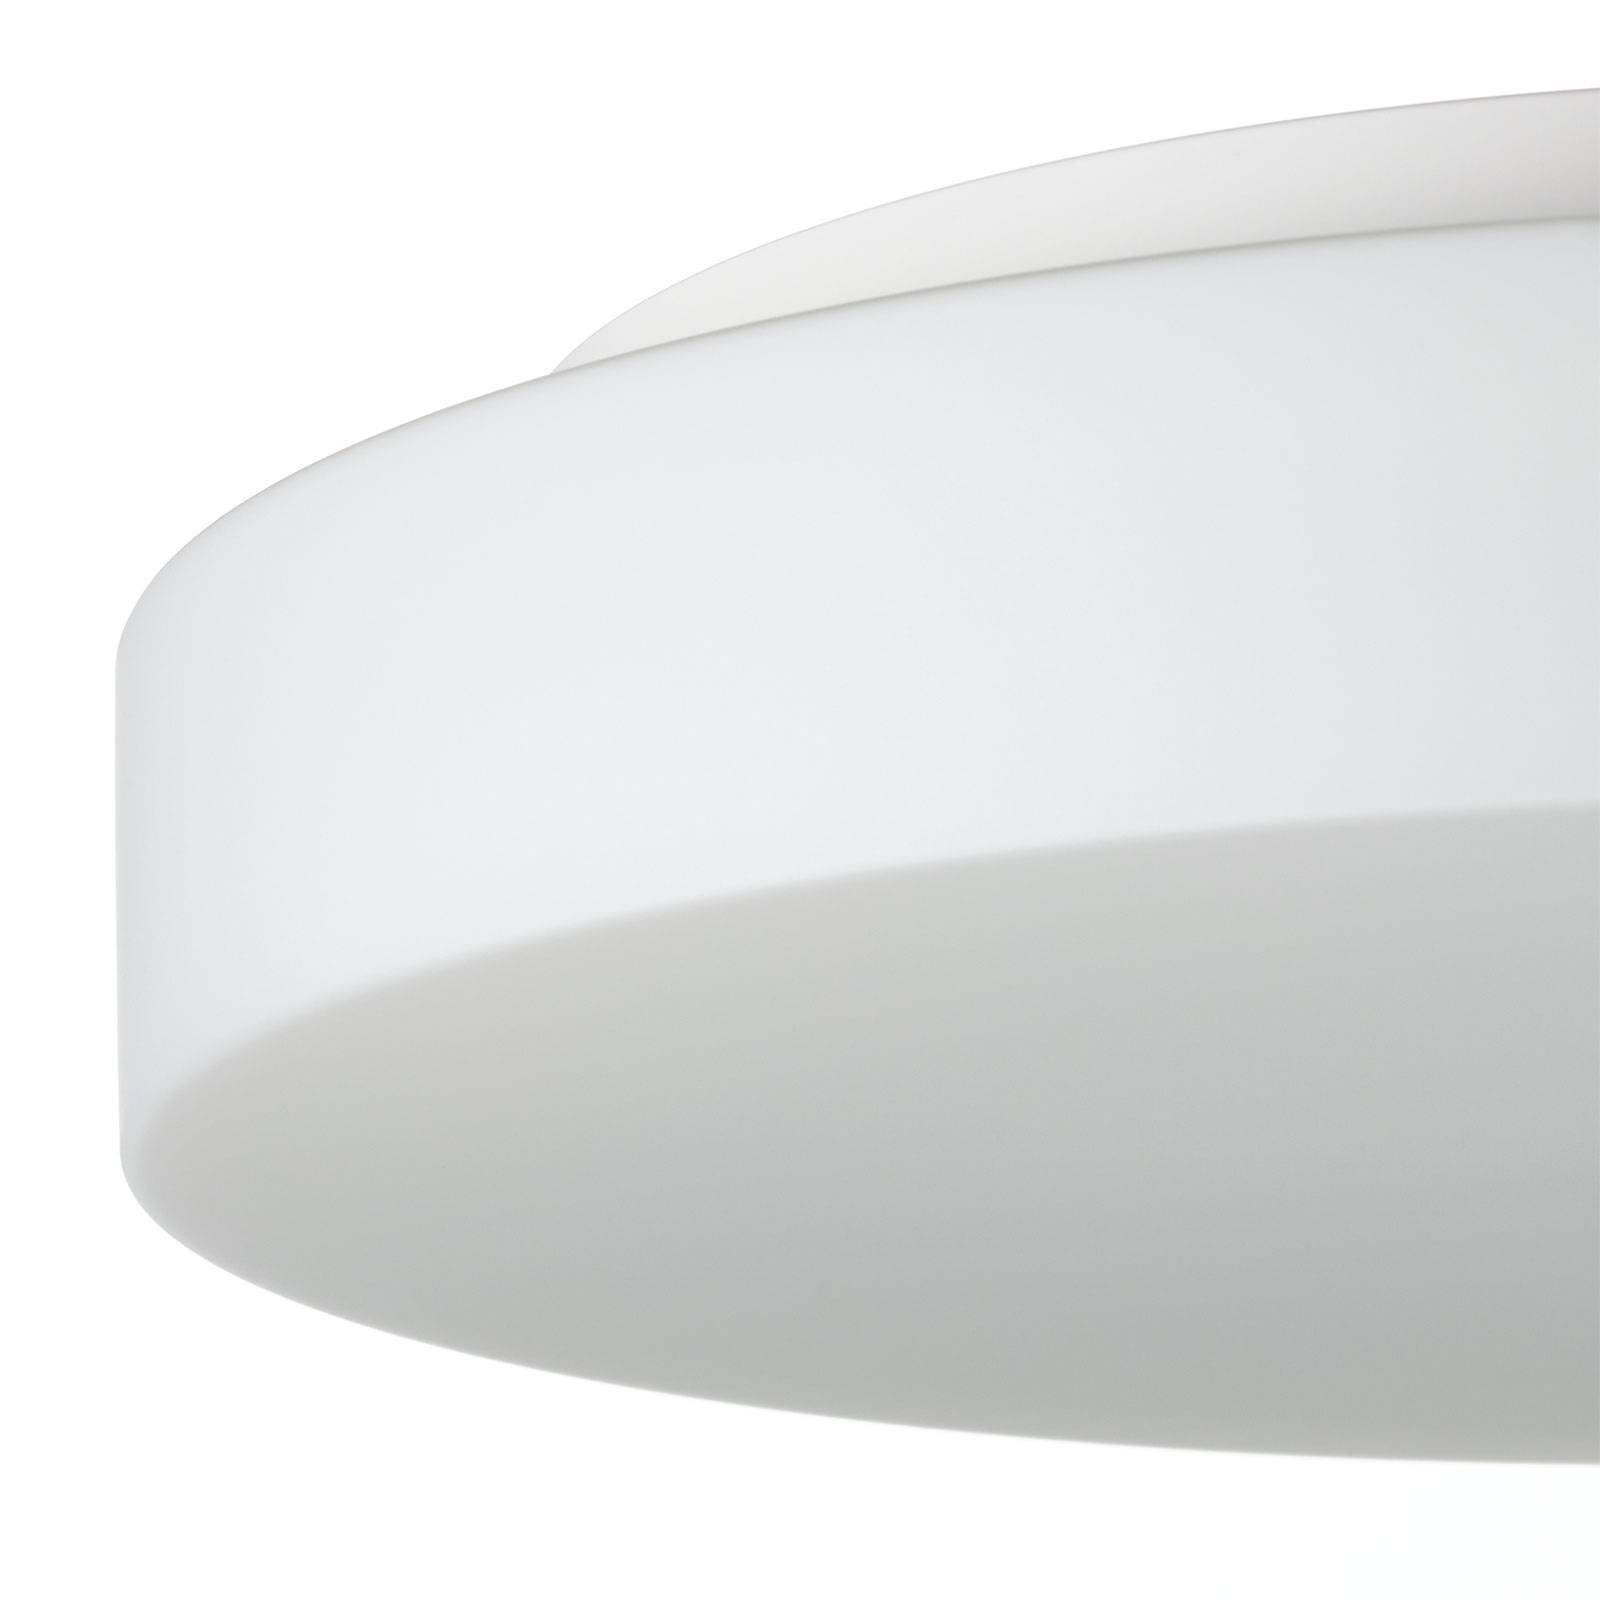 BEGA 23297 LED-taklampe glass DALI 4 000 K Ø 47 cm